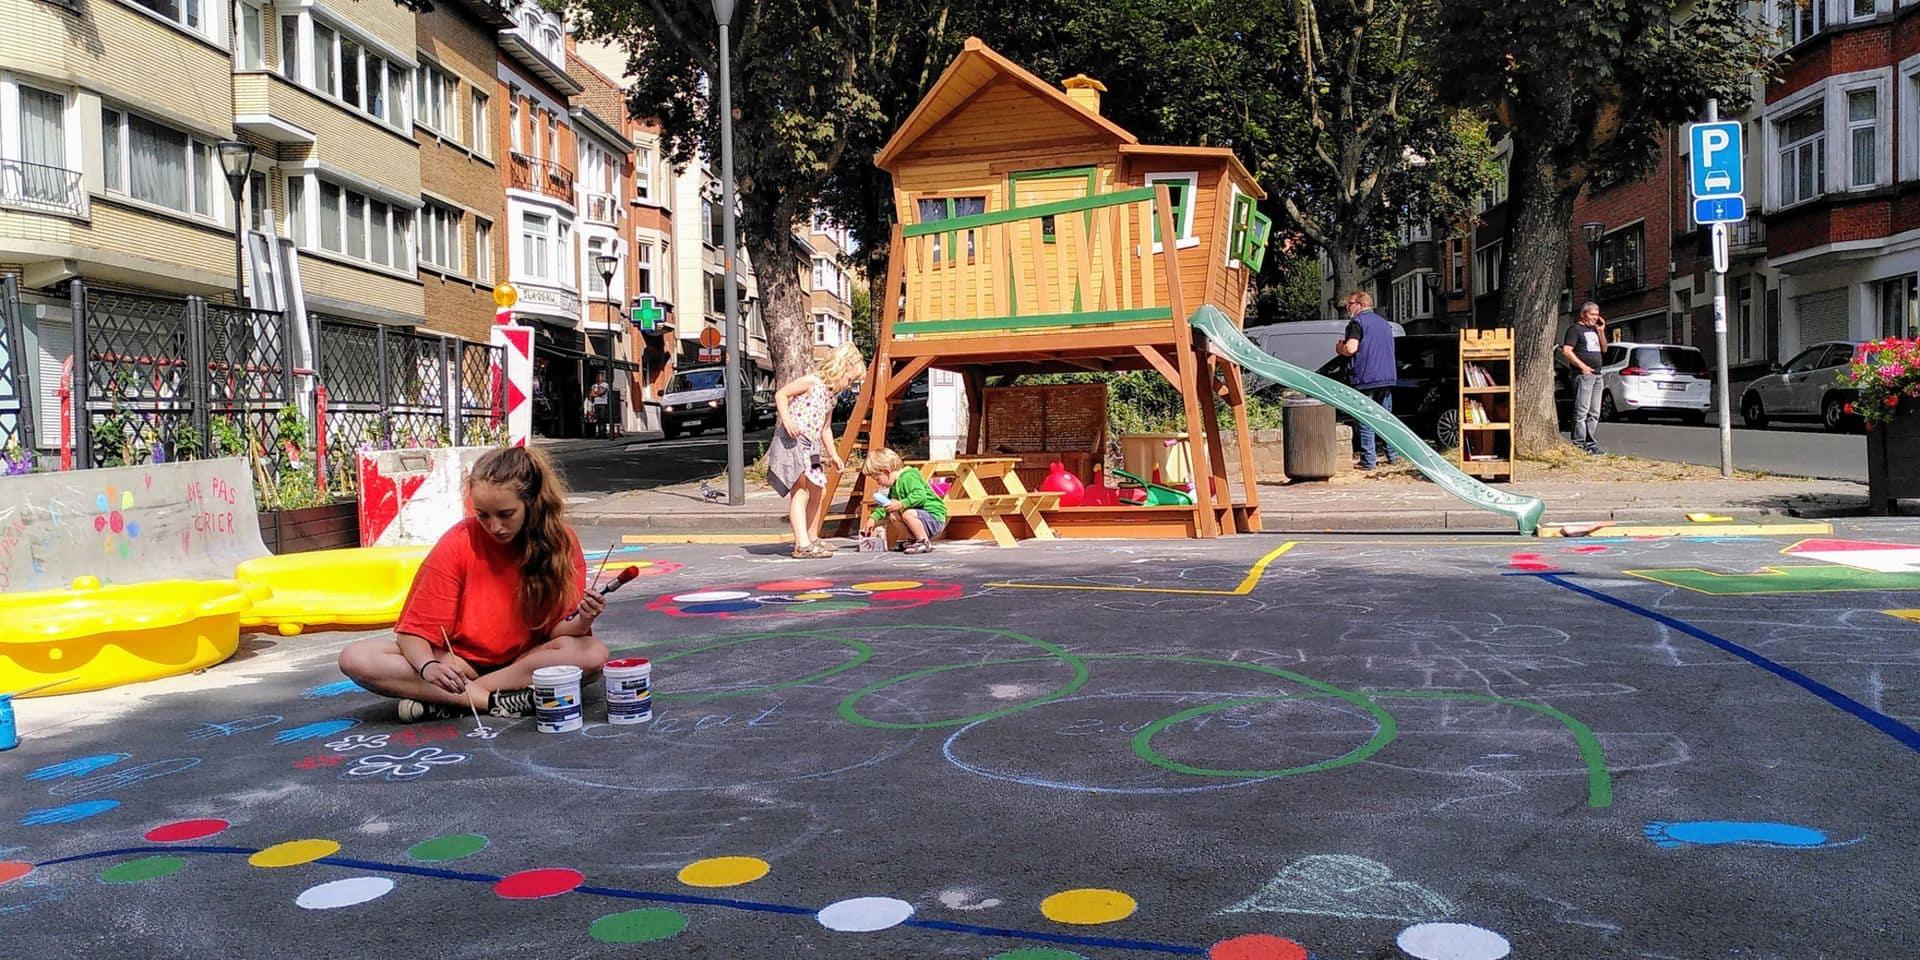 Les Bruxellois invités à se réapproprier l'espace public dans le cadre du projet Bruxelles en vacances